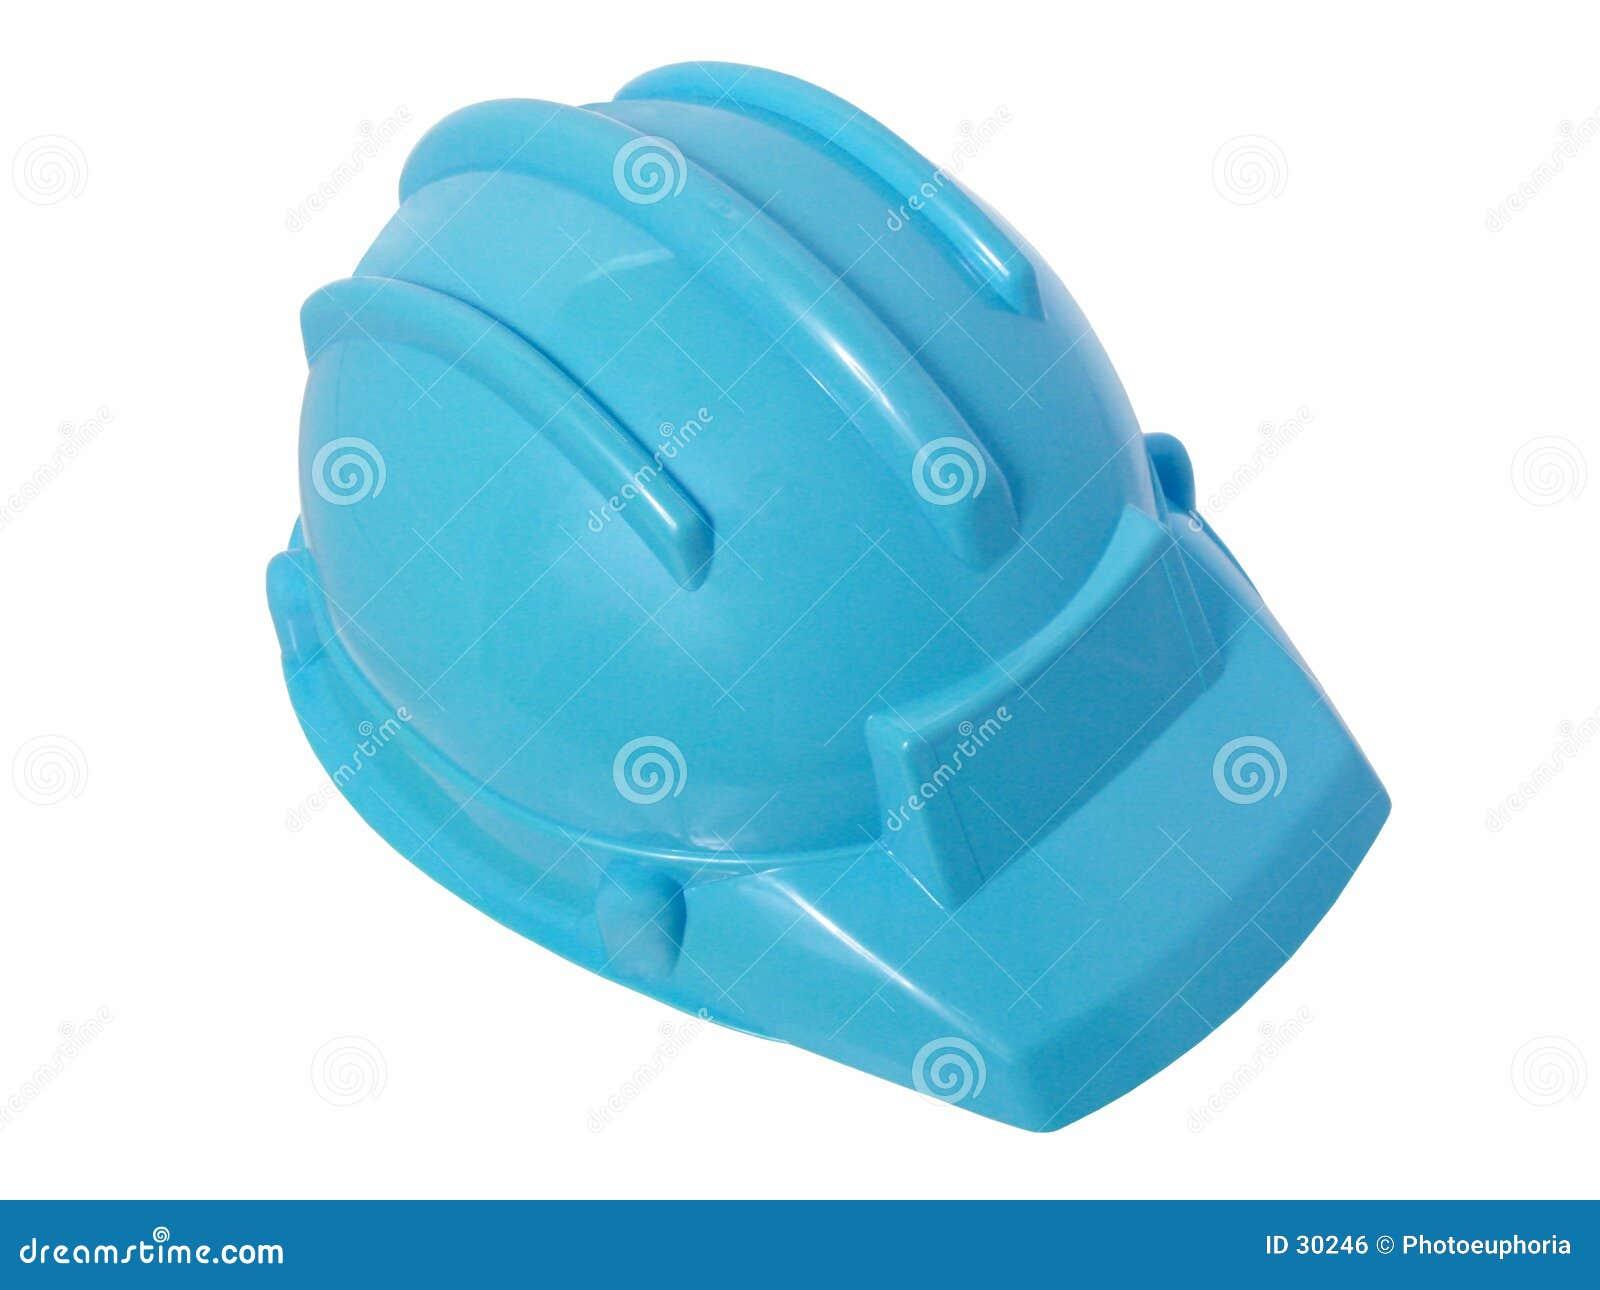 Spielwaren: Heller blauer Plastikaufbau-Sturzhelm